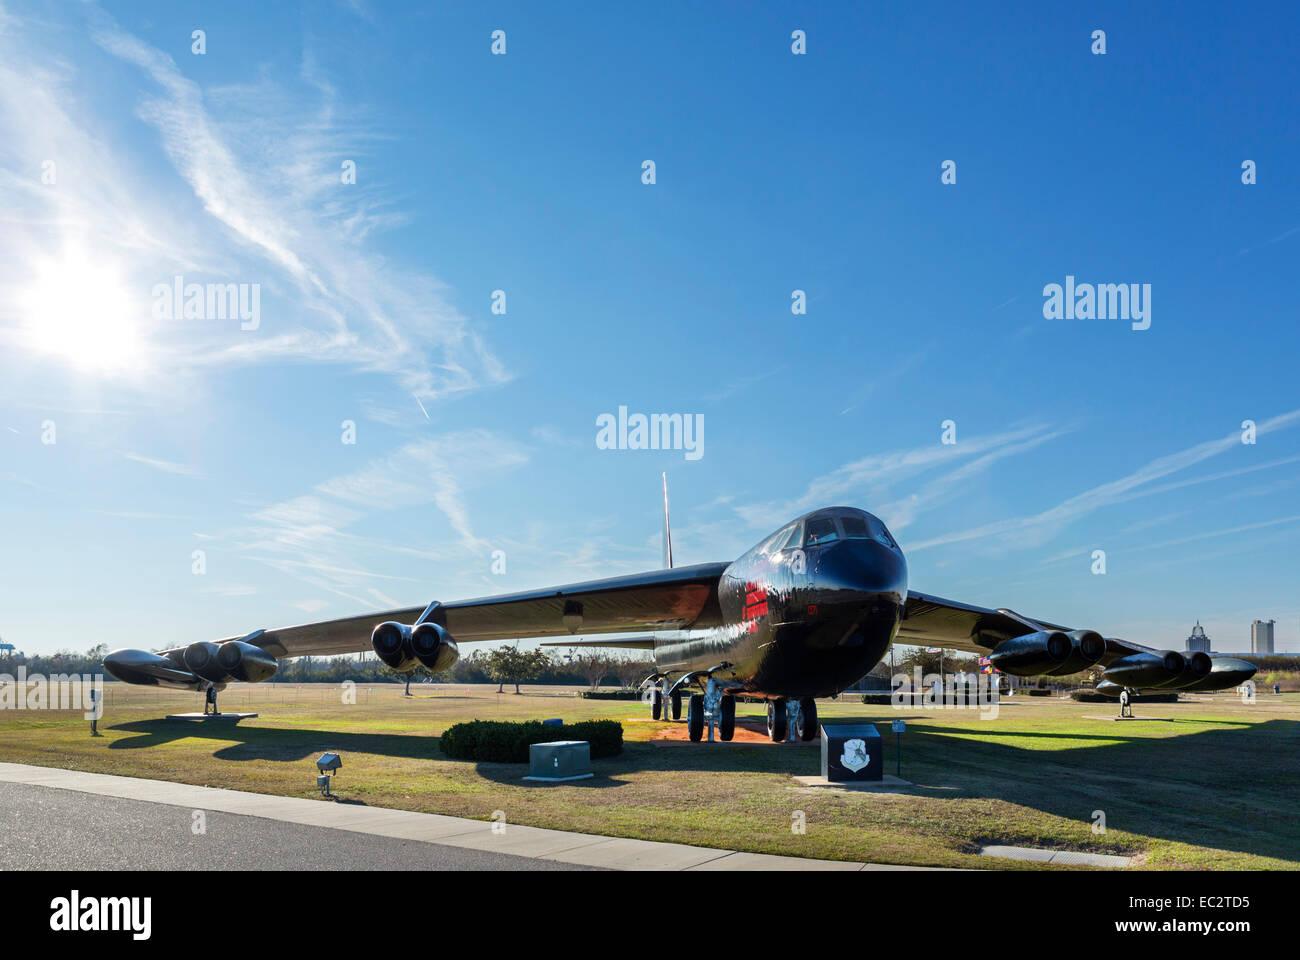 """B-52D Stratofortress """"Calamity Jane"""" en el acorazado USS Alabama Memorial Park, de Mobile, Alabama, EE.UU. Foto de stock"""